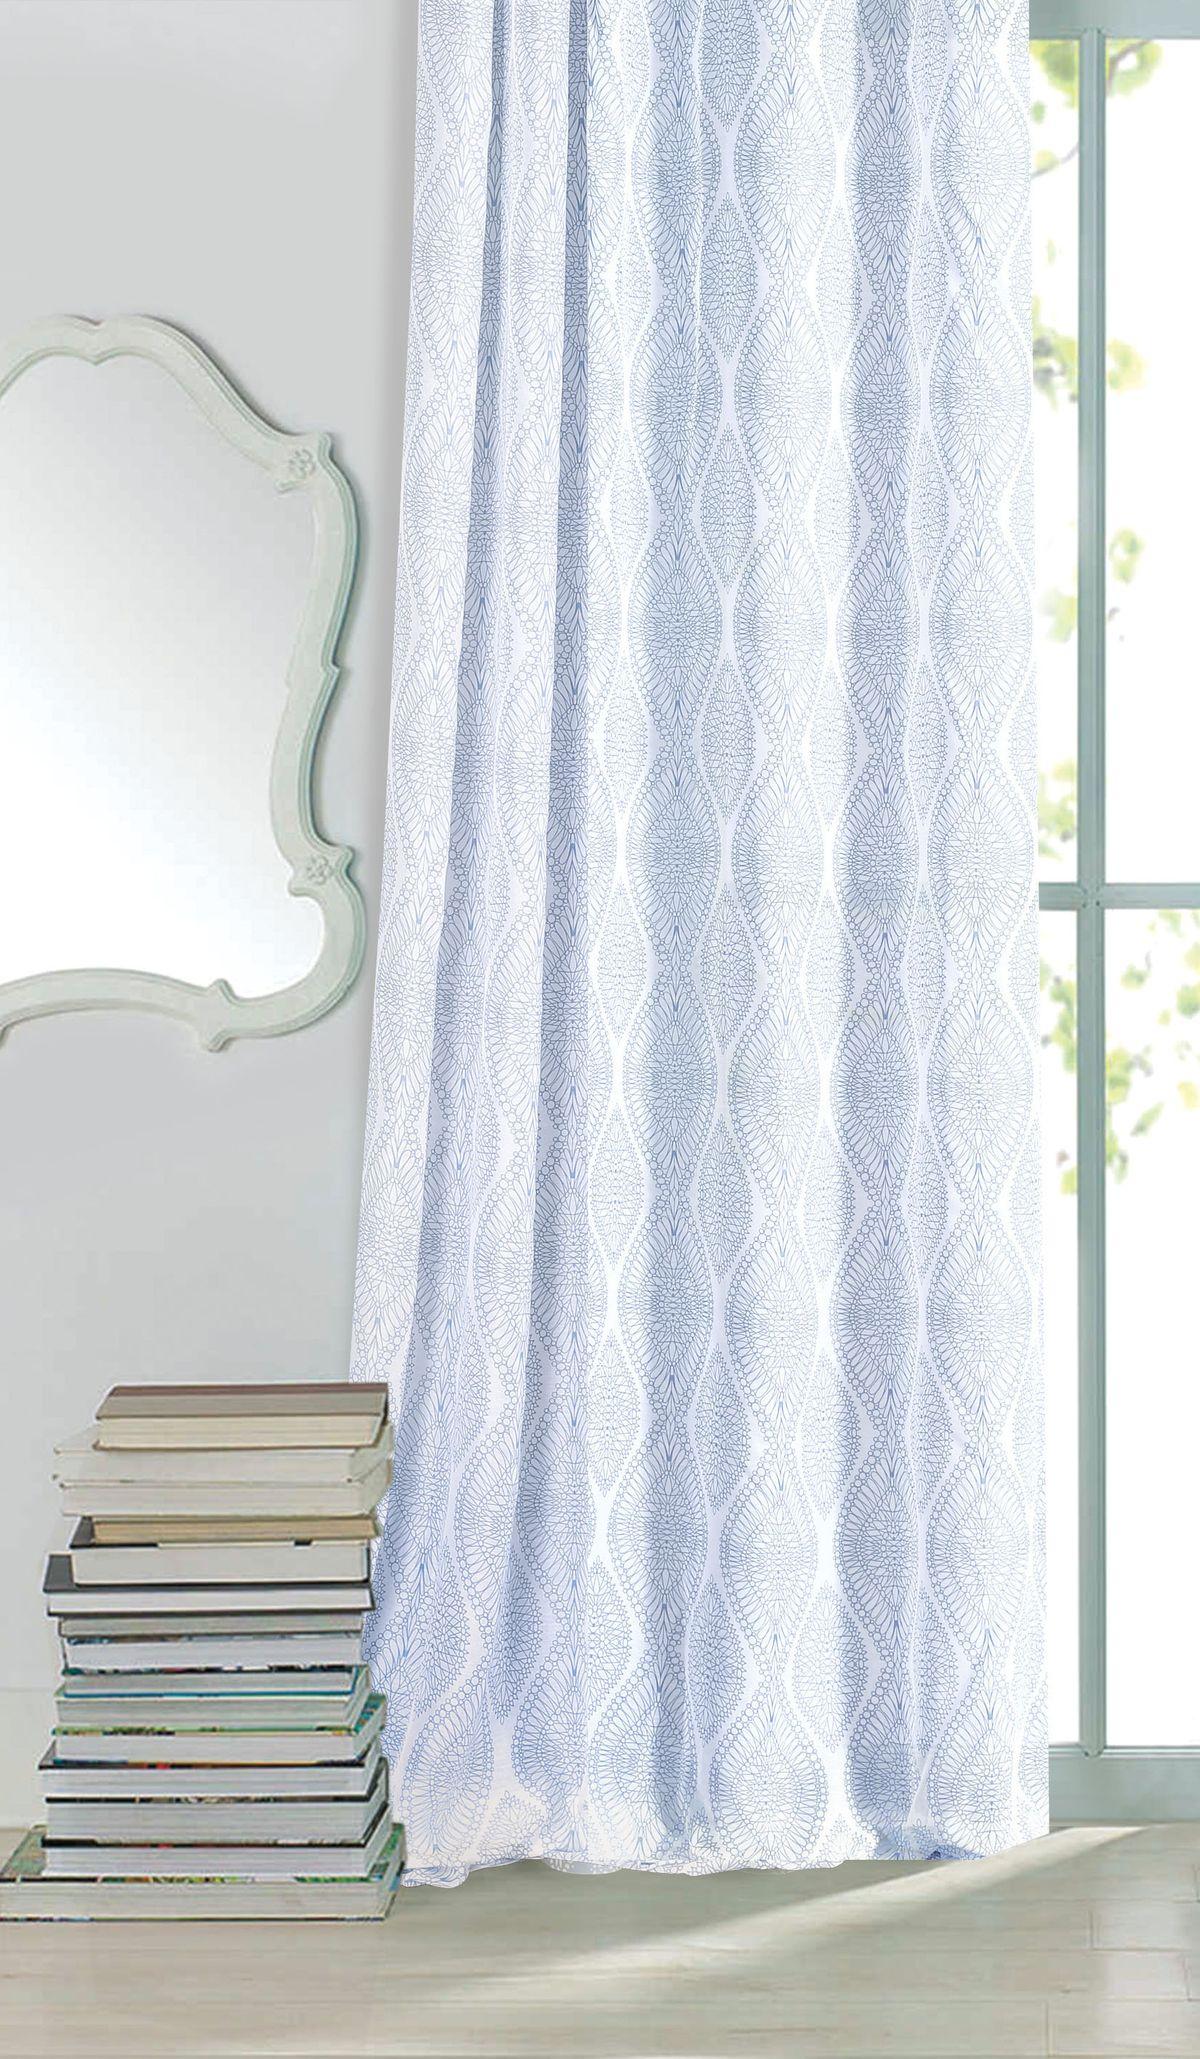 Штора готовая Garden, на ленте, цвет: голубой, 300х260 см. С 3293 - W356 V16С 3293 - W356 V16Изящная штора для гостинной Garden выполнена из ткани с оригинальной структурой. Приятная текстура и цвет штор привлекут к себе внимание и органично впишутся в интерьер помещения. Штора крепится на карниз при помощи ленты, которая поможет красиво и равномерно задрапировать верх.